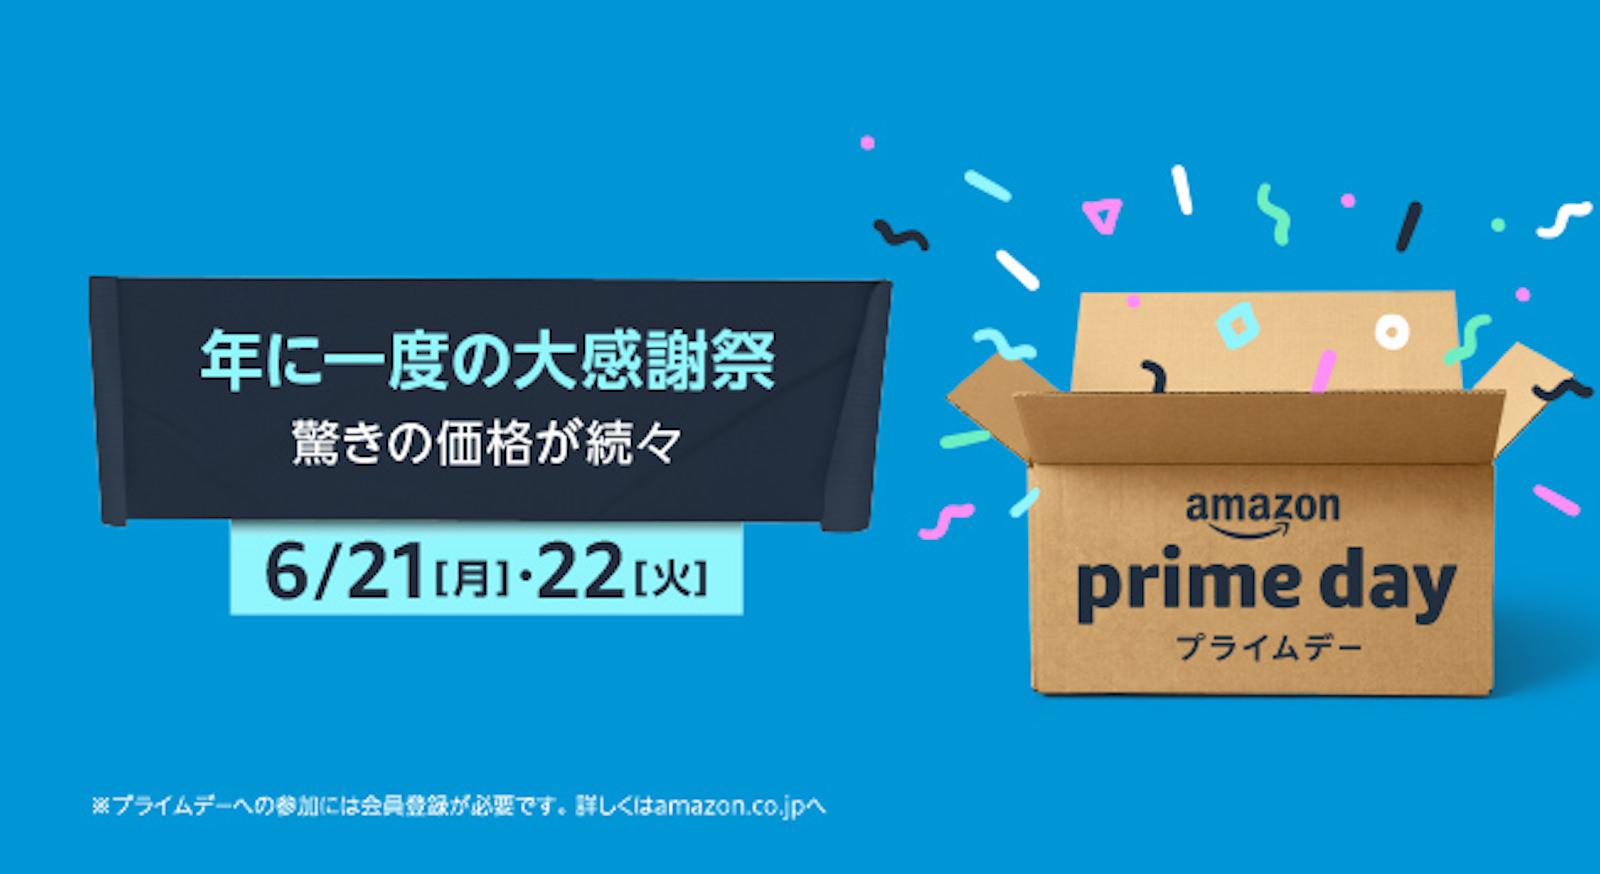 Amazon prime day items 1